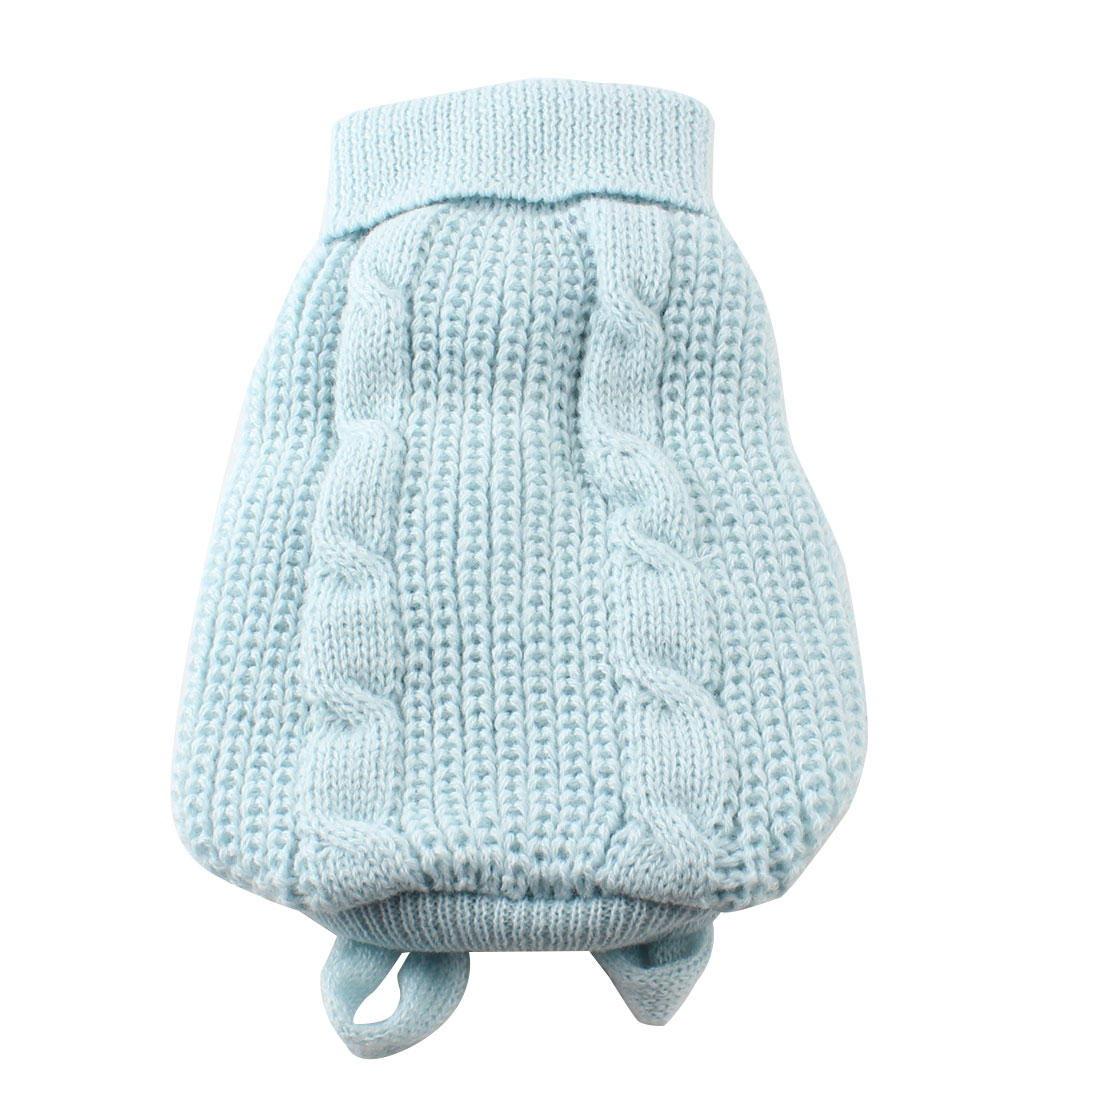 Light Blue Turtleneck Knitting Pet Dog Doggie Cat Clothing Sweater Coat XXS